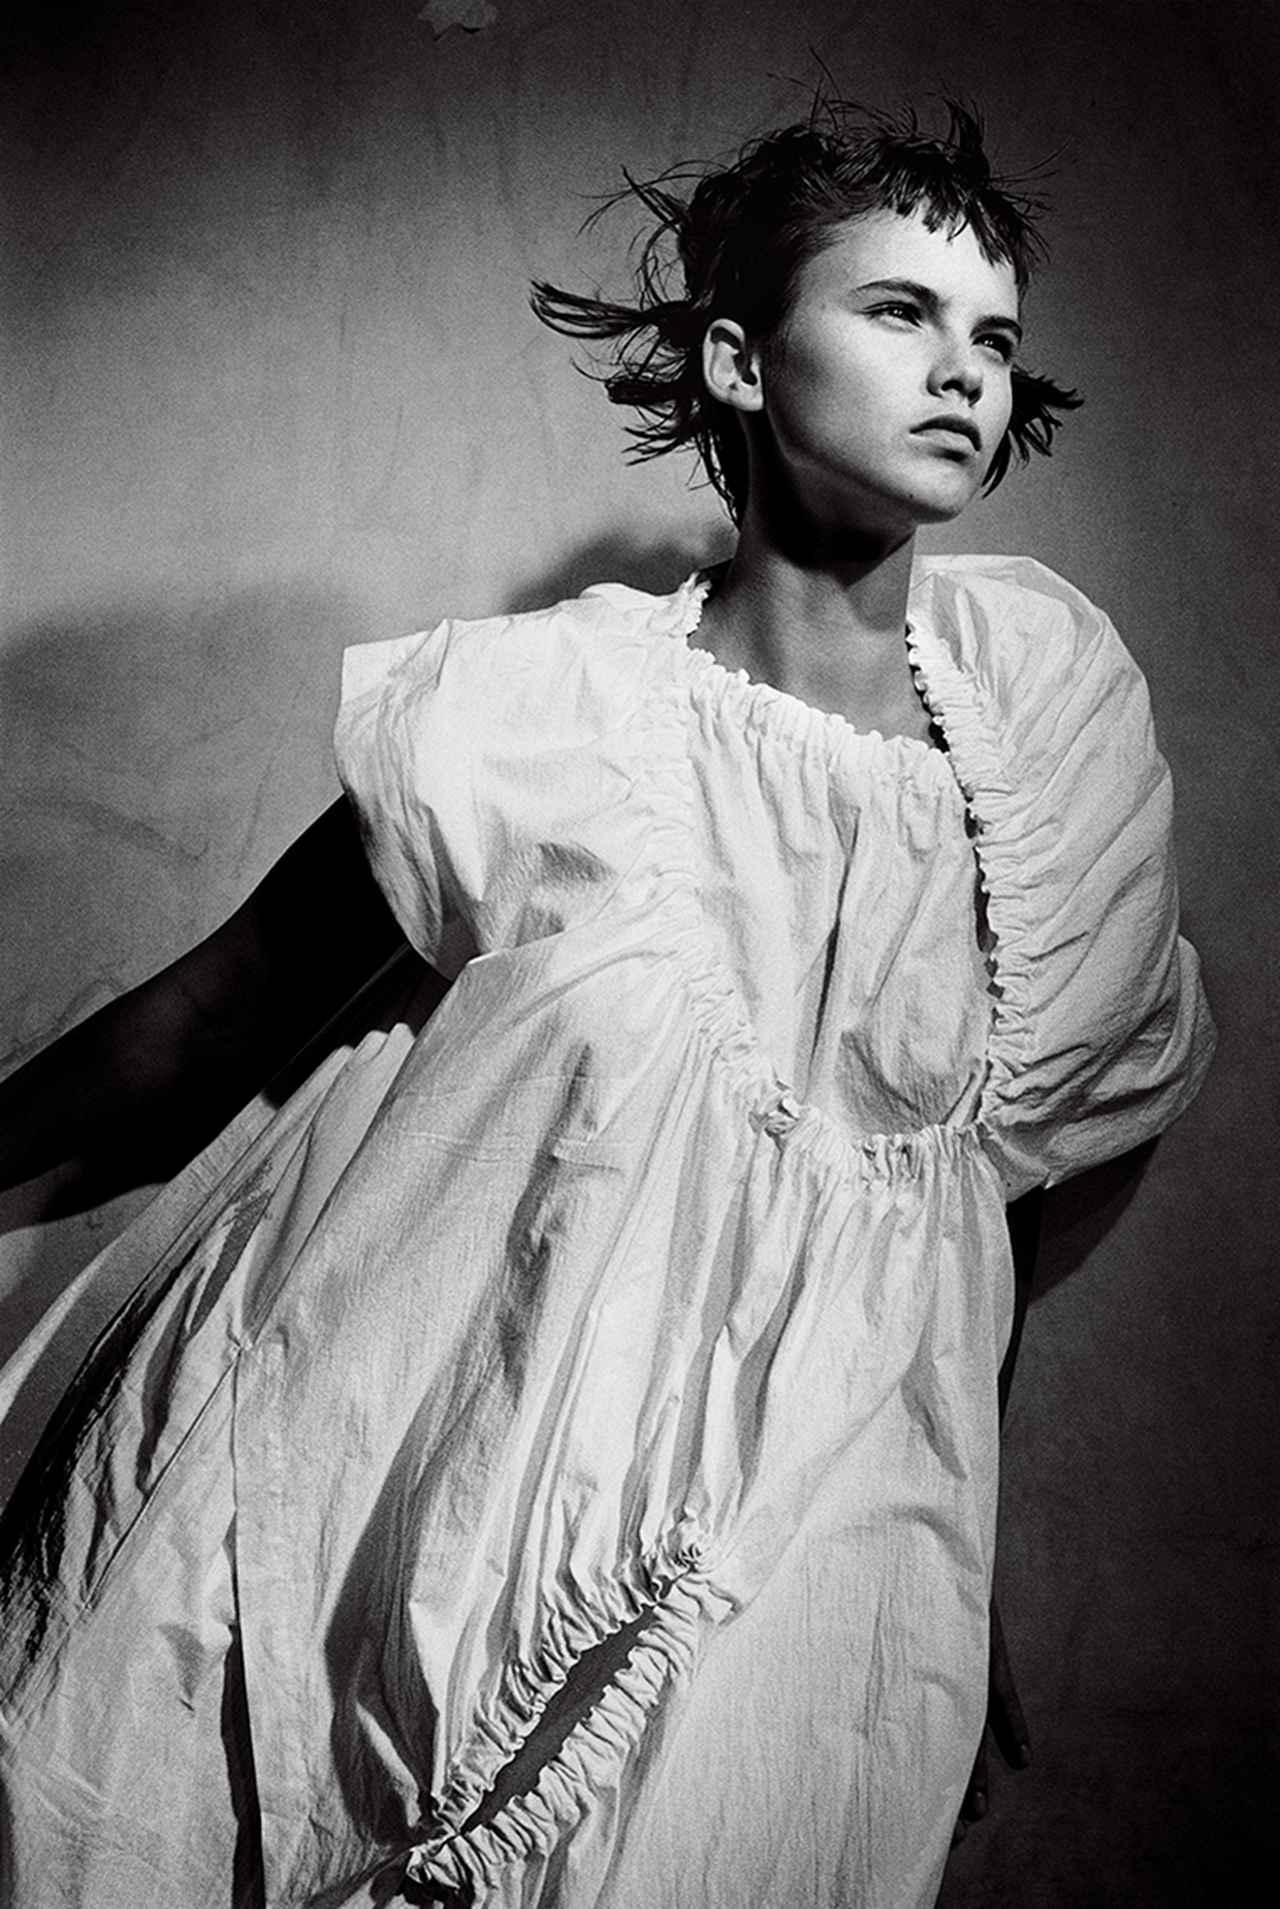 Images : 7番目の画像 - 「ニューヨーカーを魅了する 「MAKIÉ」デザイナー 矢作まきえが愛するもの」のアルバム - T JAPAN:The New York Times Style Magazine 公式サイト